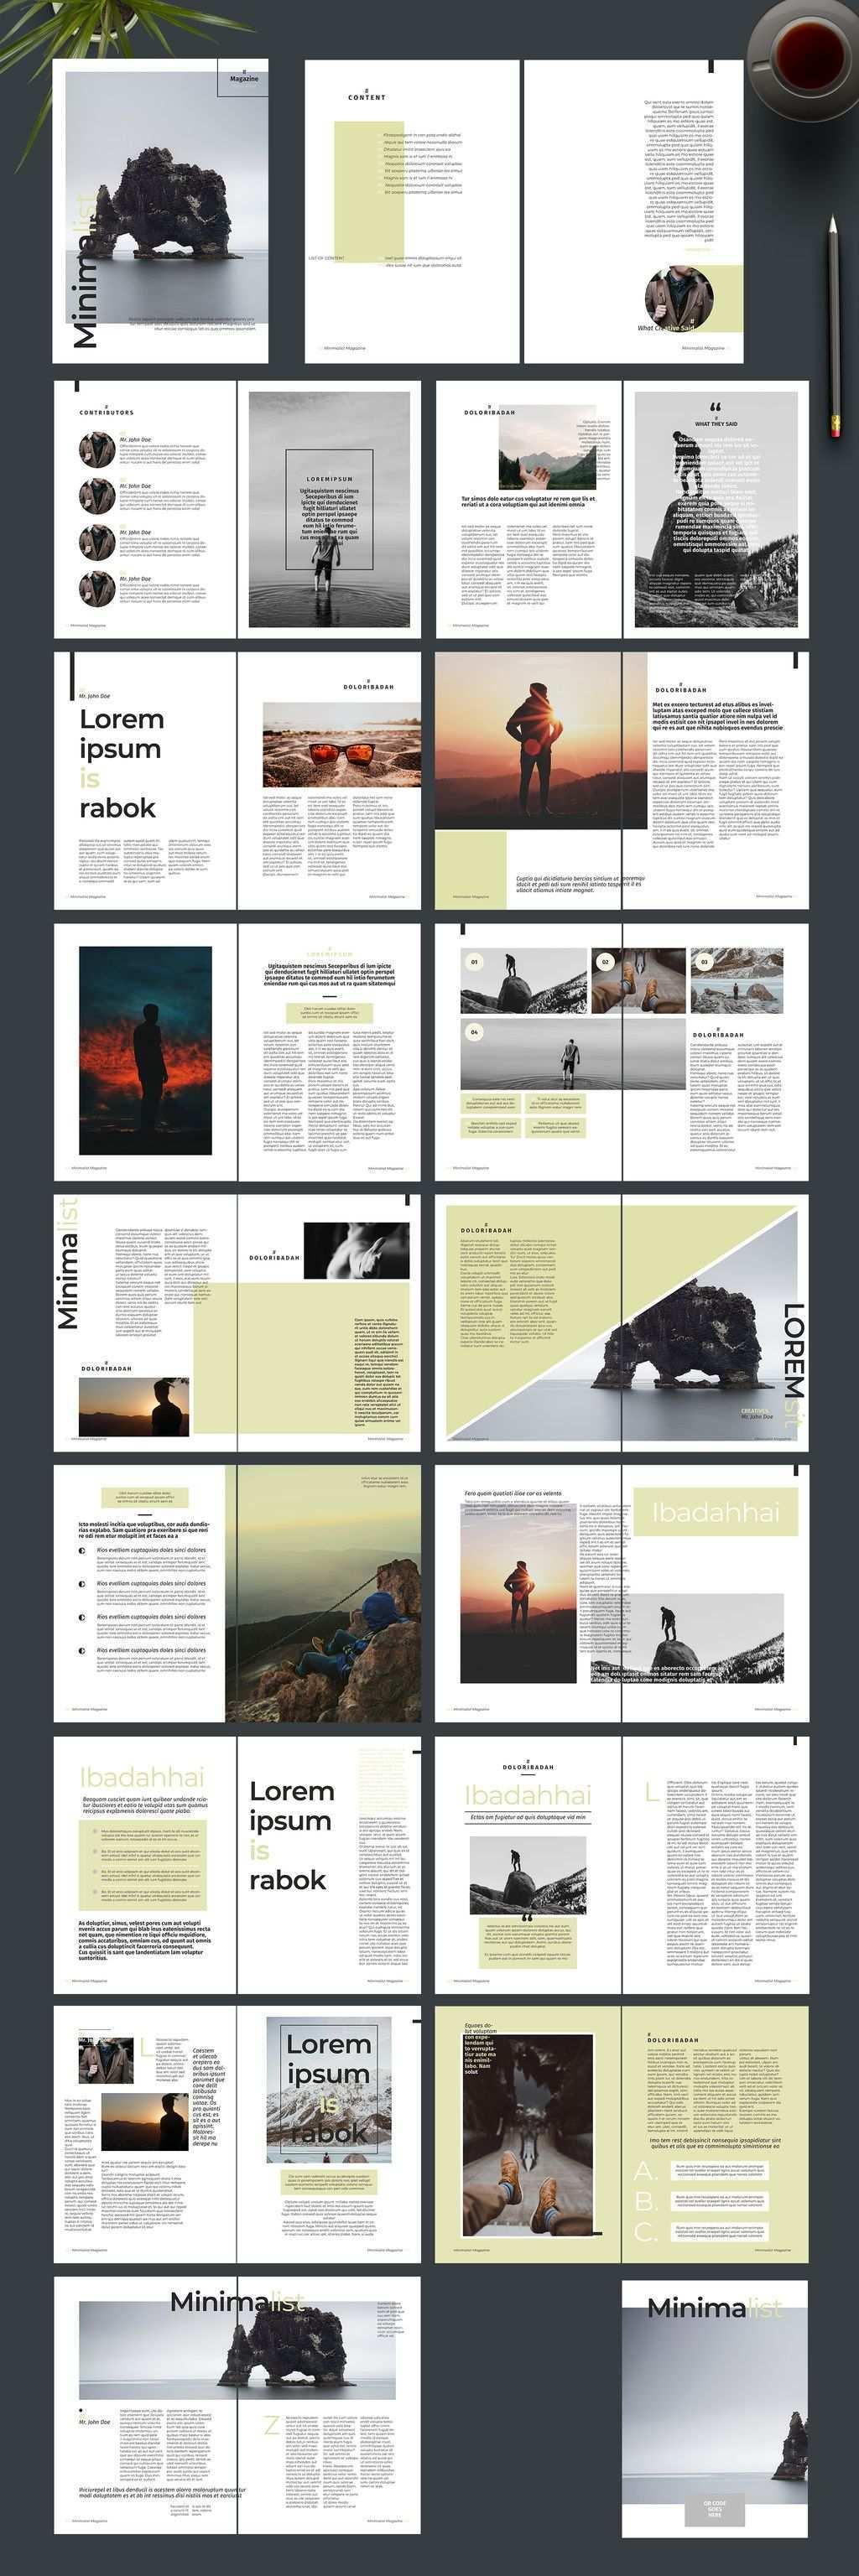 Magazine Layout With Green Accents Kaufen Sie Diese Vorlage Und Finden Sie Ahnliche Vorlagen Auf Adobe Stock Adobe Stock Vorlagen Layout Wolle Kaufen